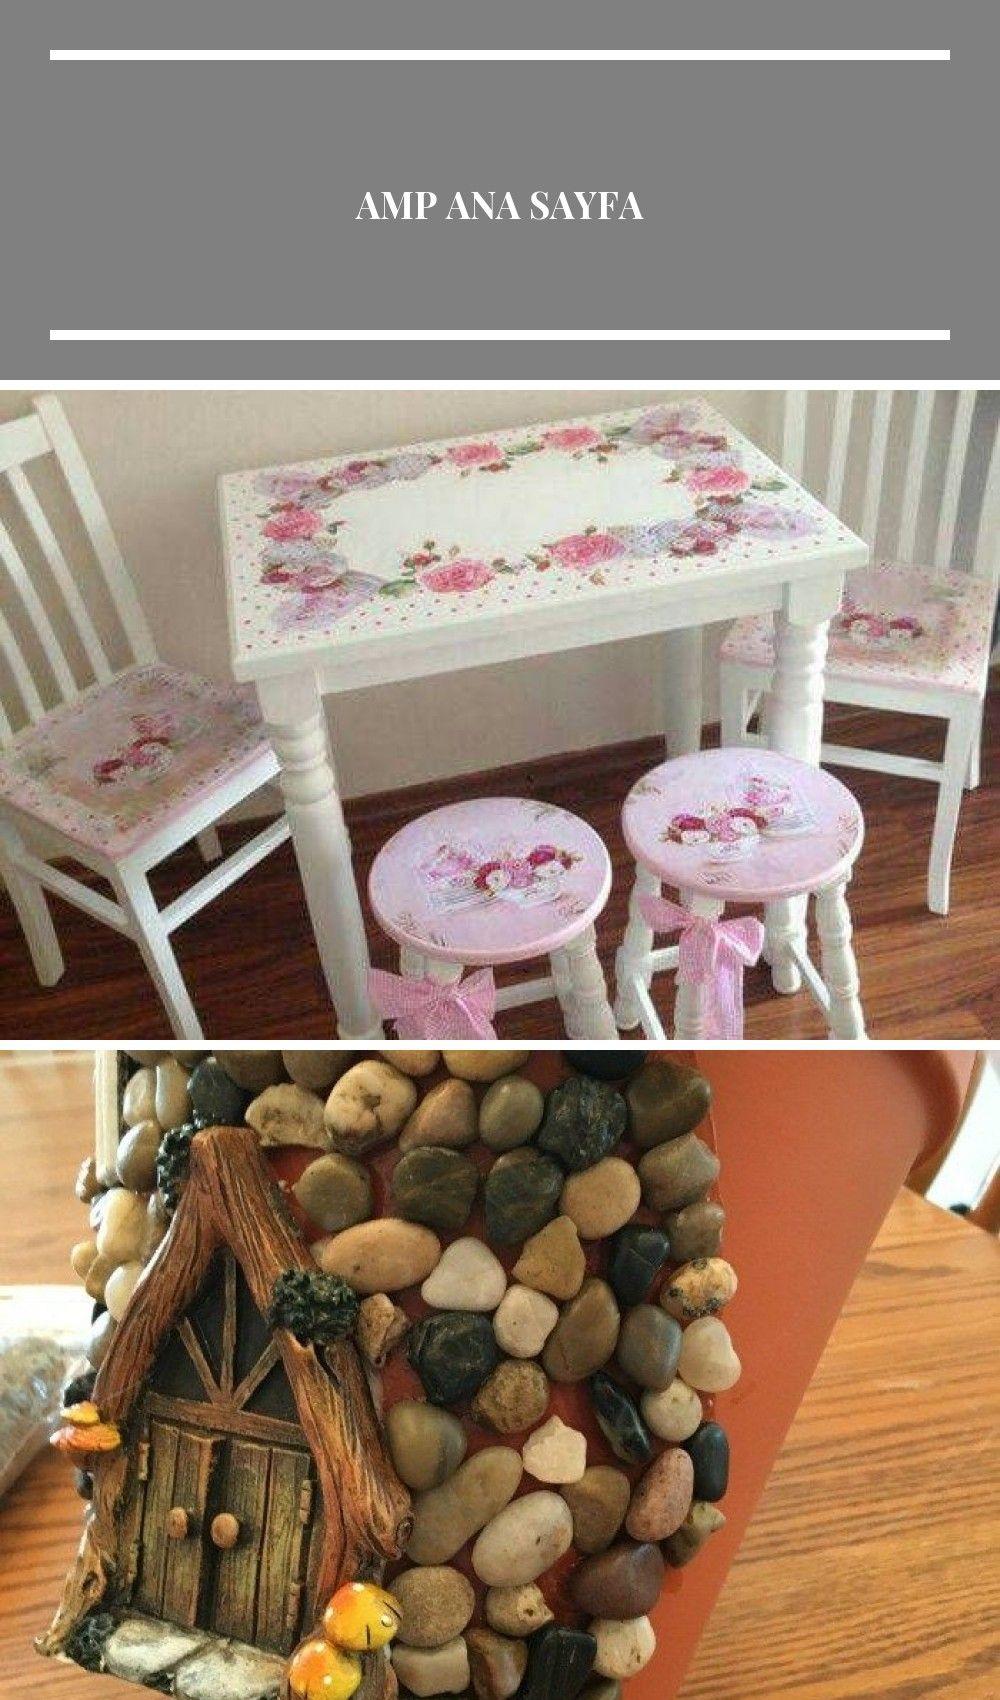 Ahsap Sandalye Boyama Ornekleri Mobilier De Jardin Amp Ana Sayfa Decorative Boxes Decor Home Decor